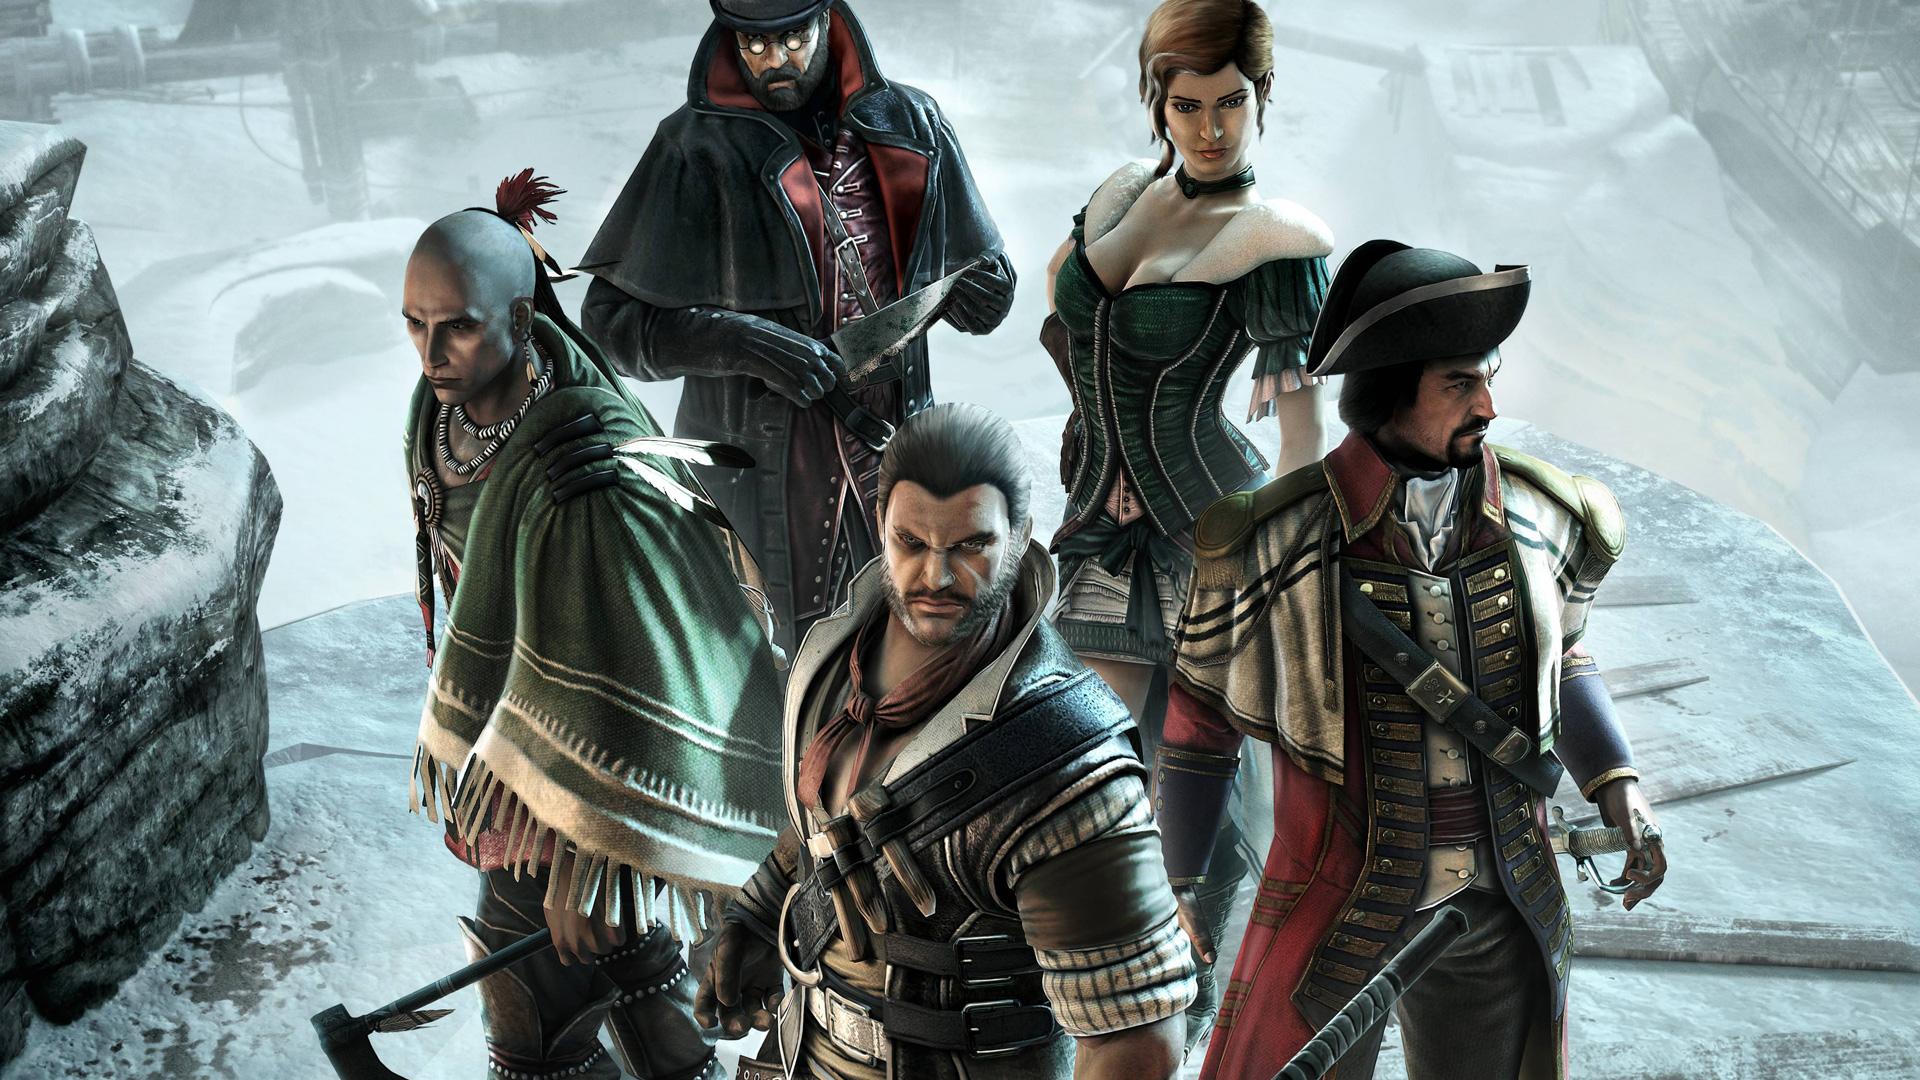 Assassins Creed 3 Wallpaper 8 Wallpapersbq